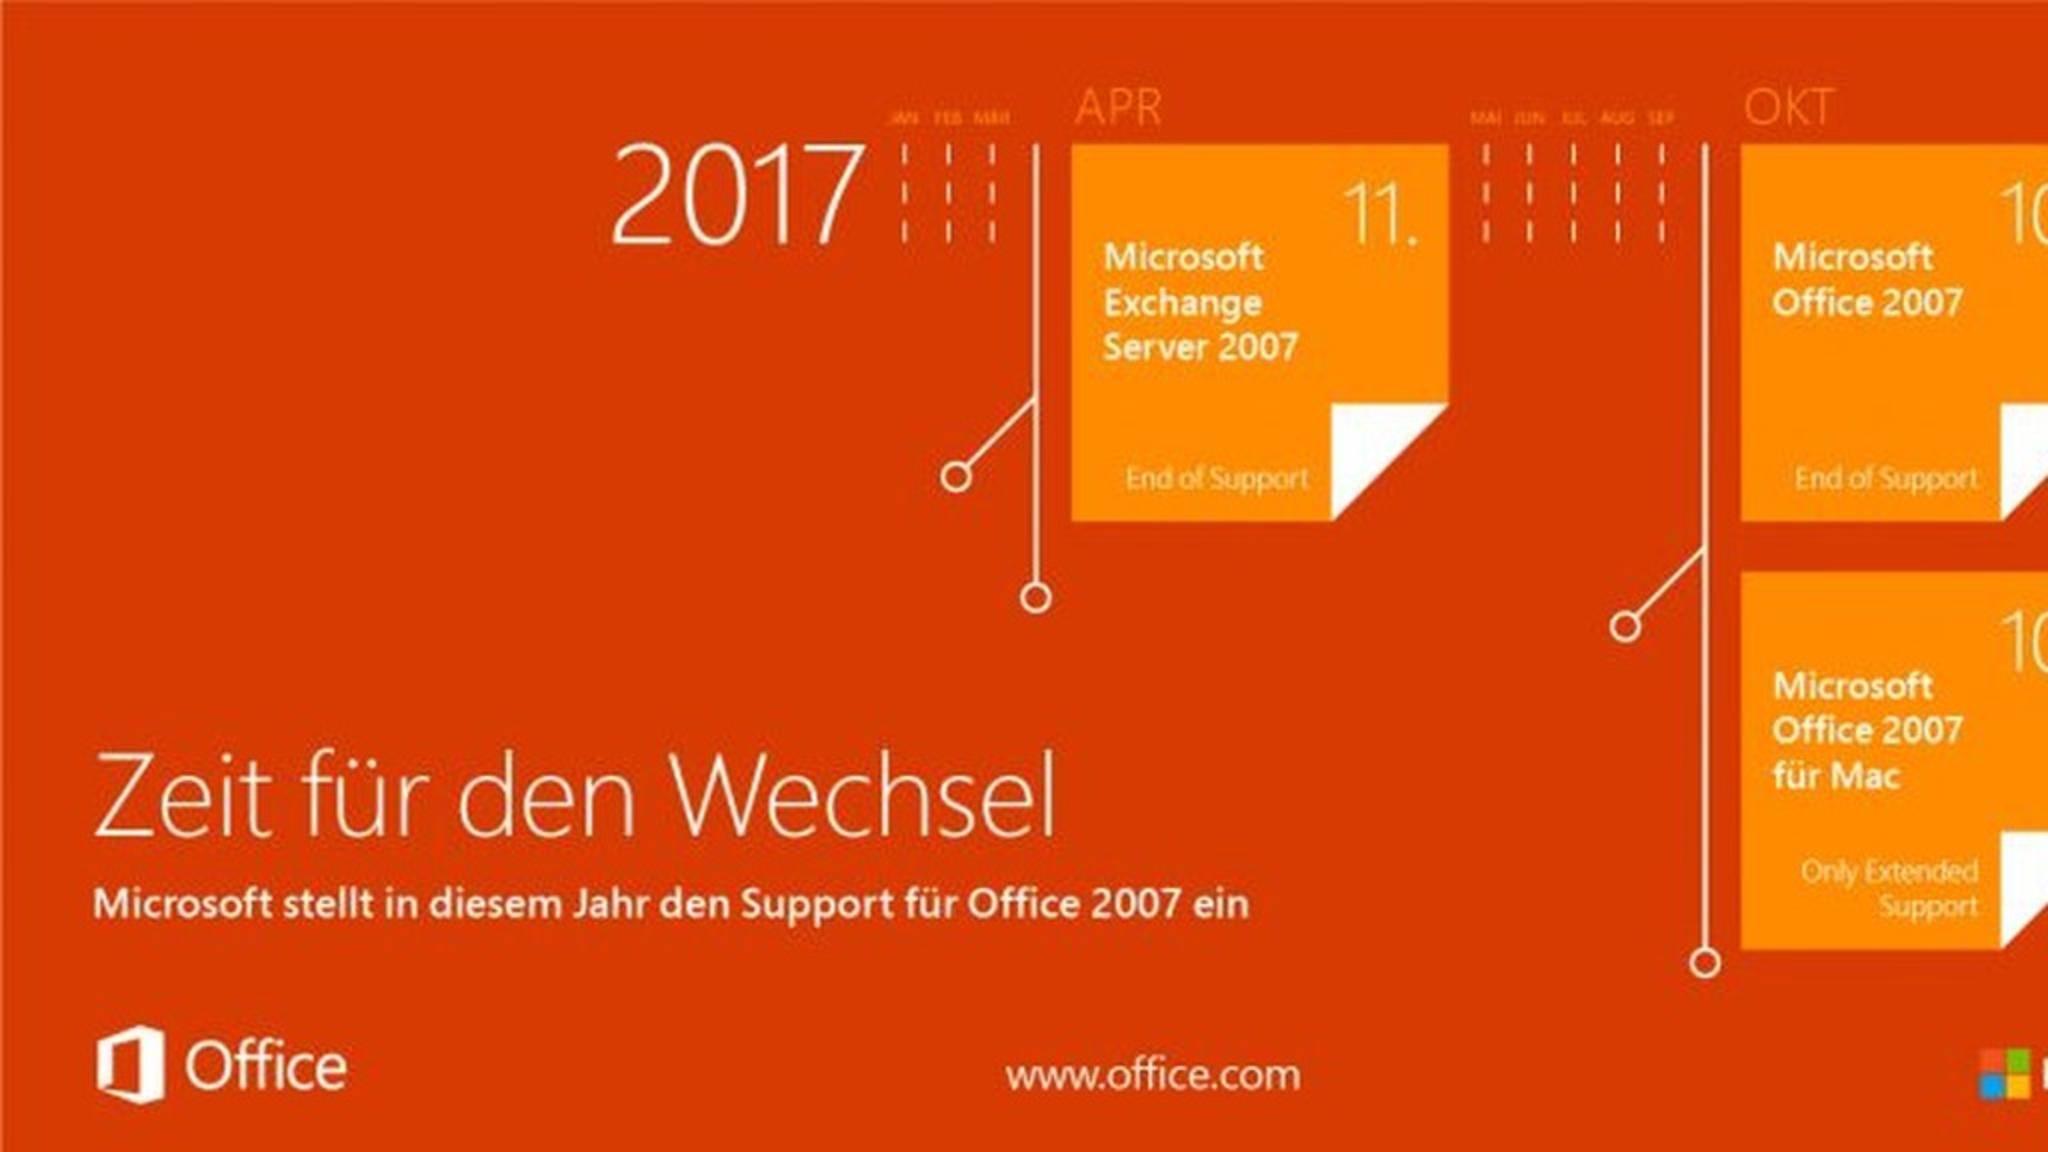 Office 2007 Support endet